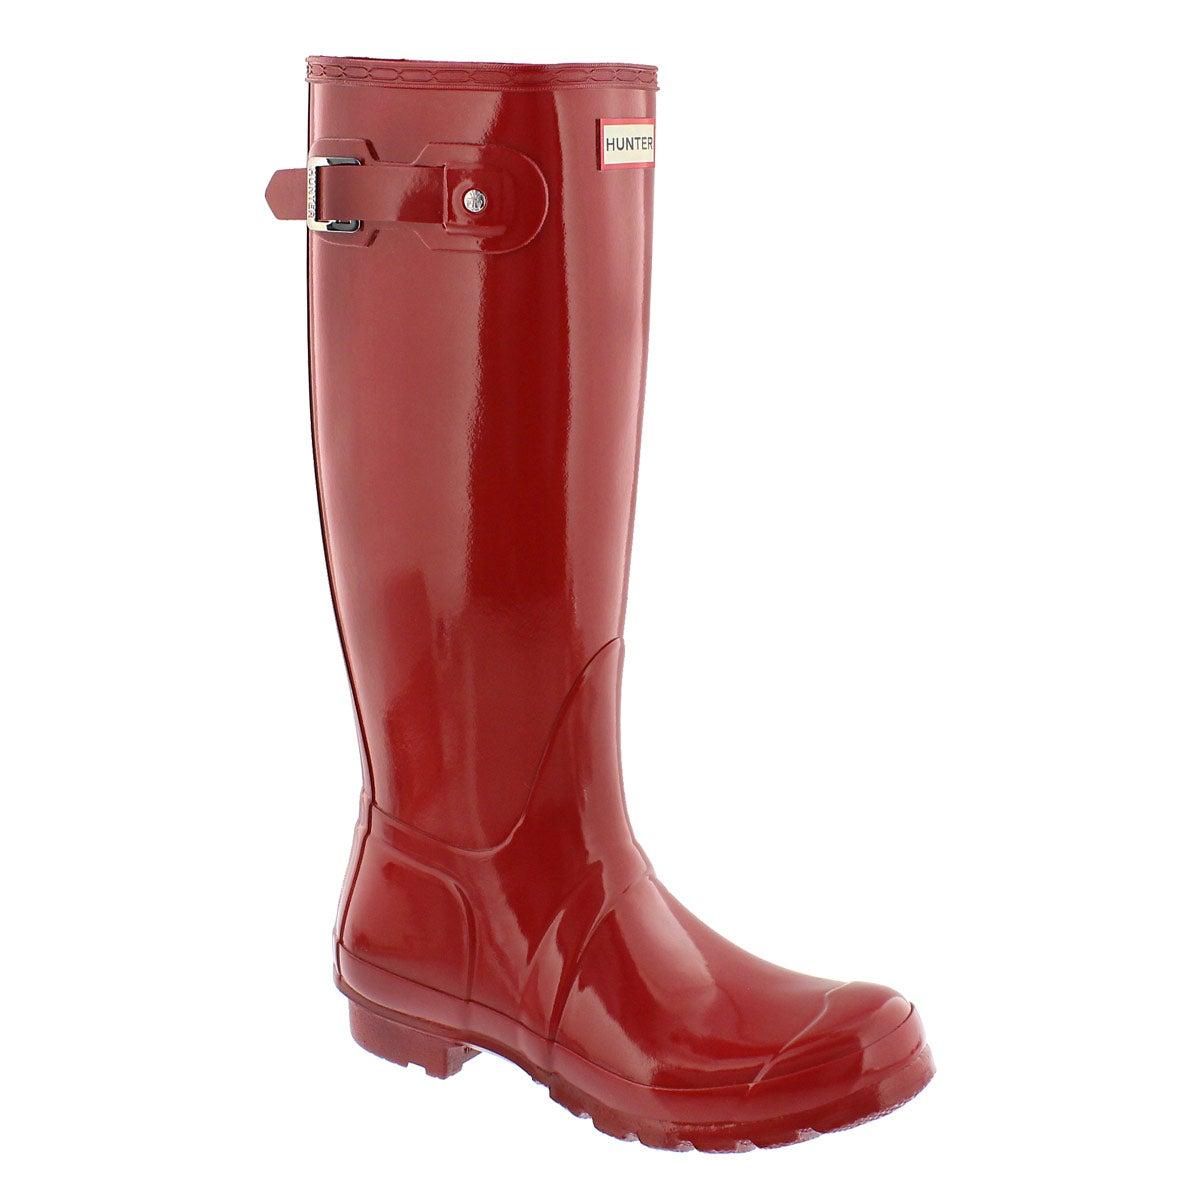 Lds Original Tall Gloss red rain boot